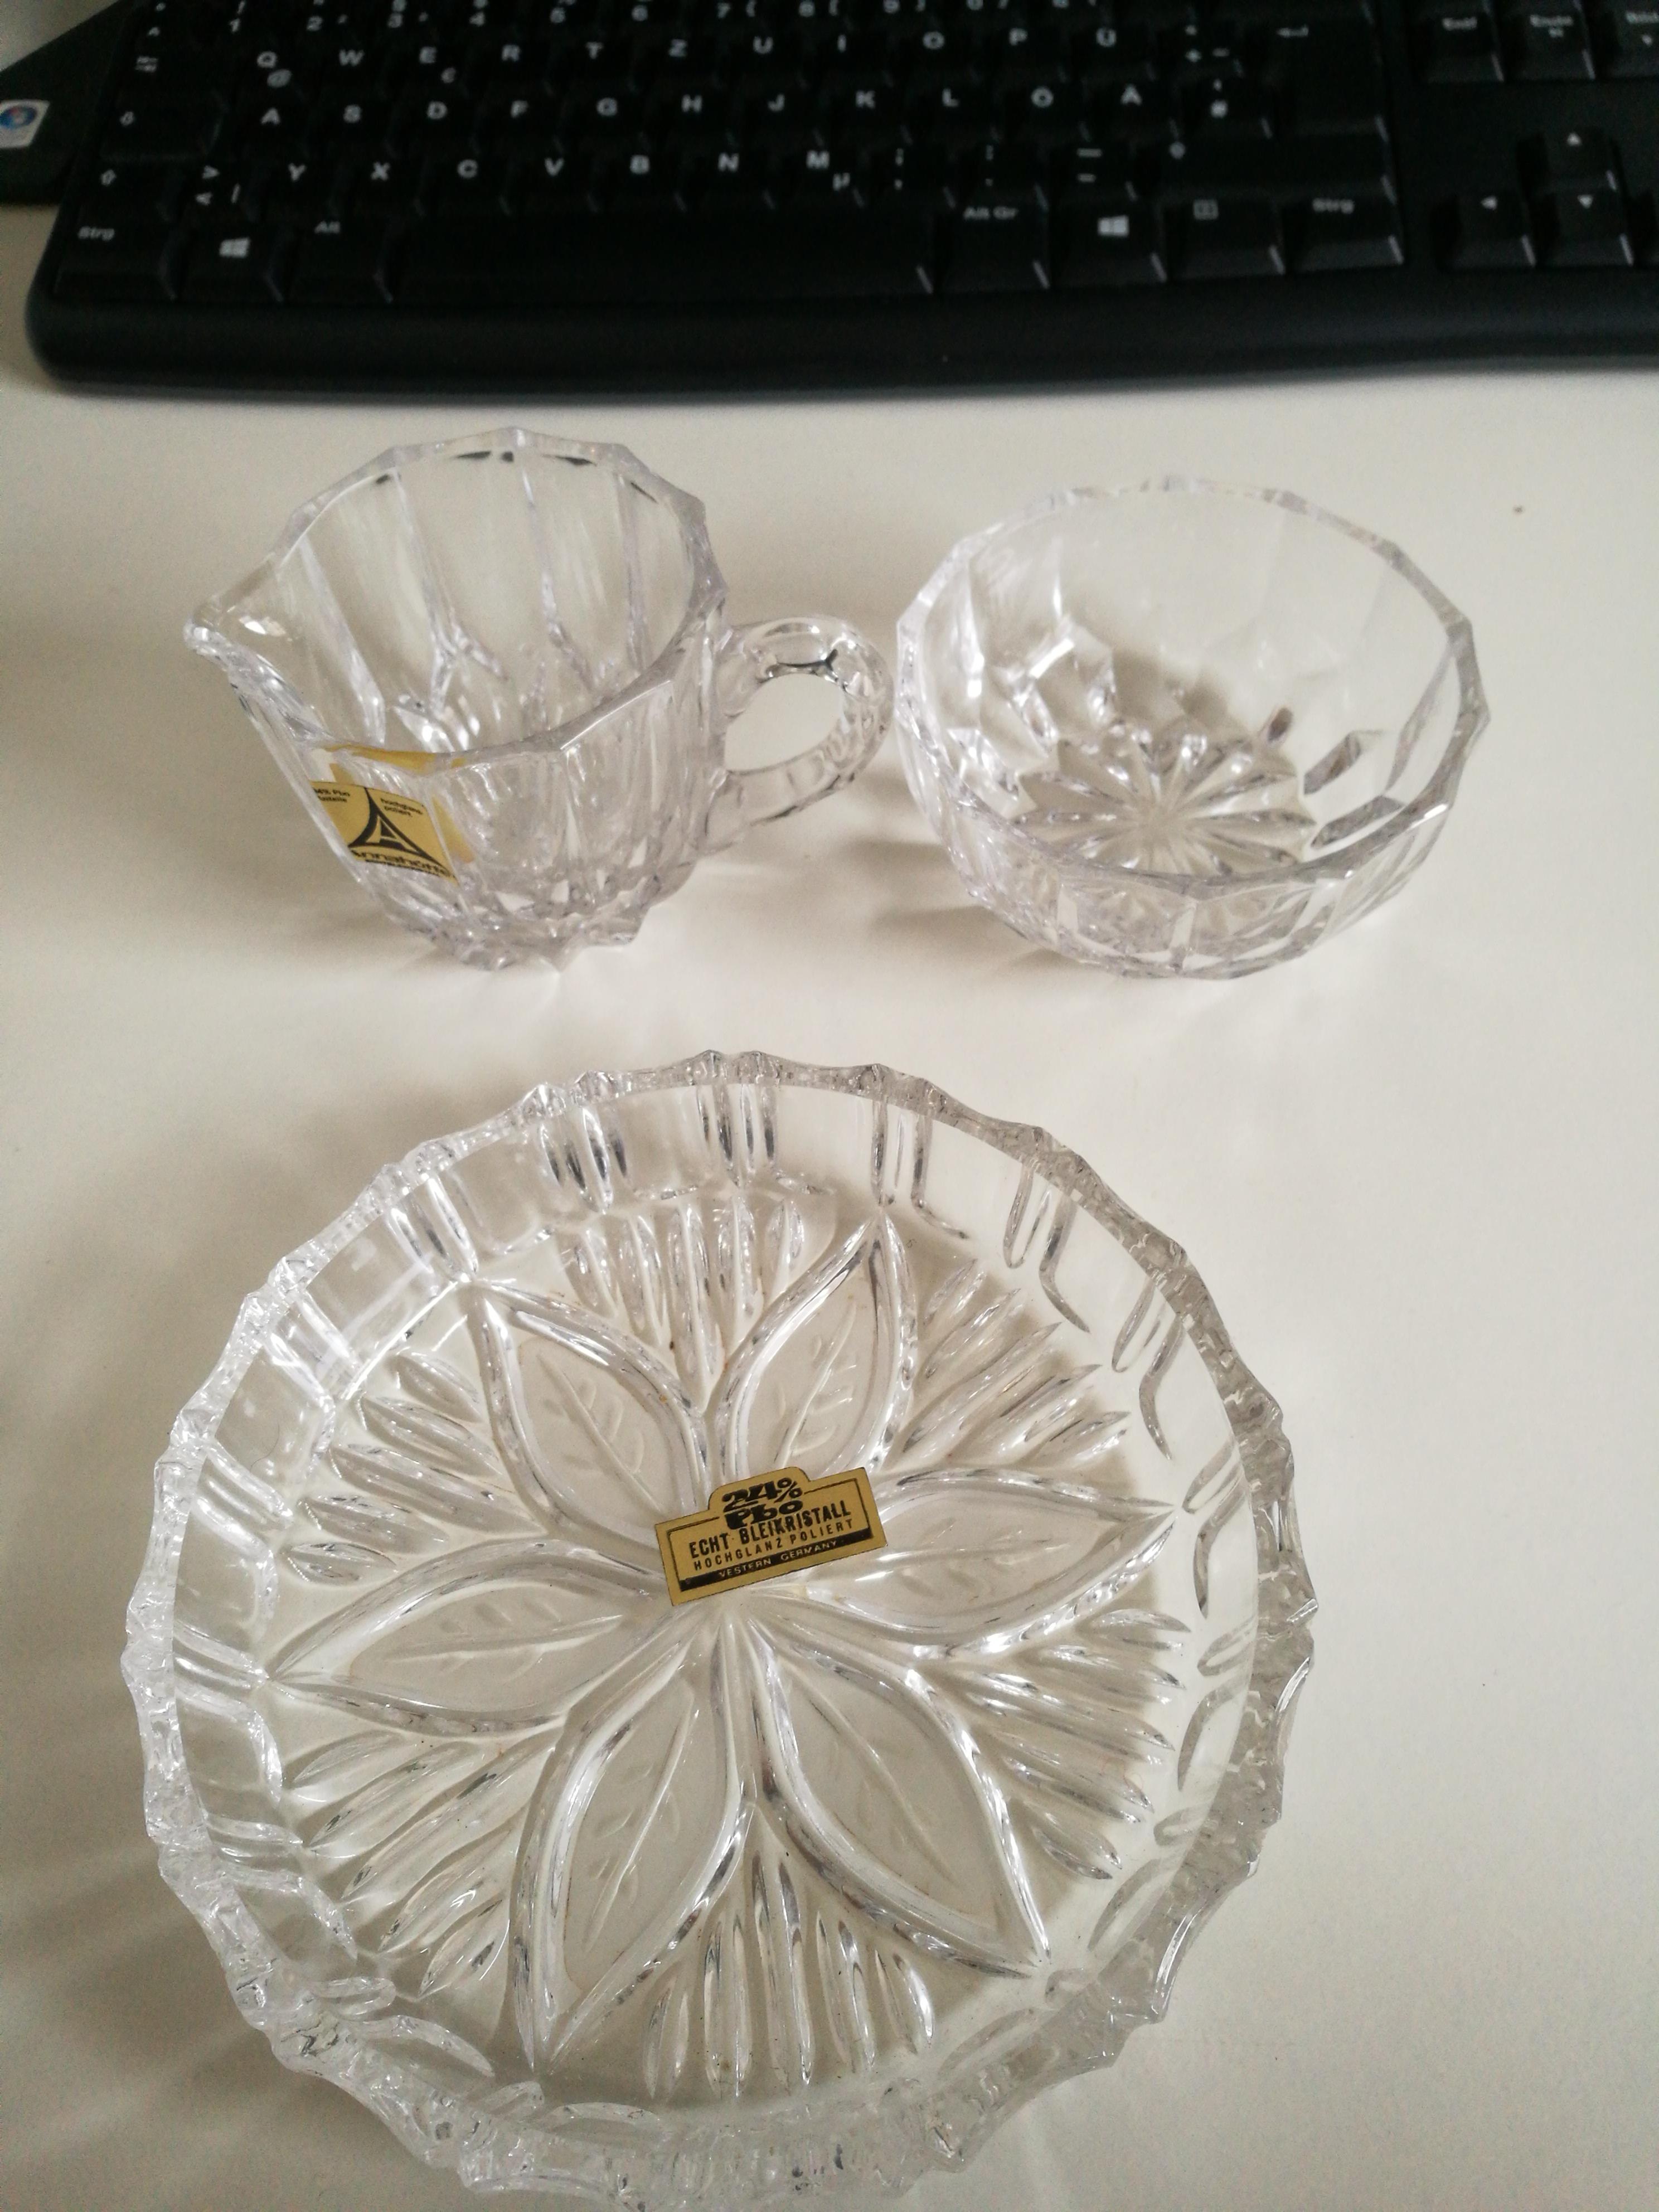 Kristallglas Set tauschen